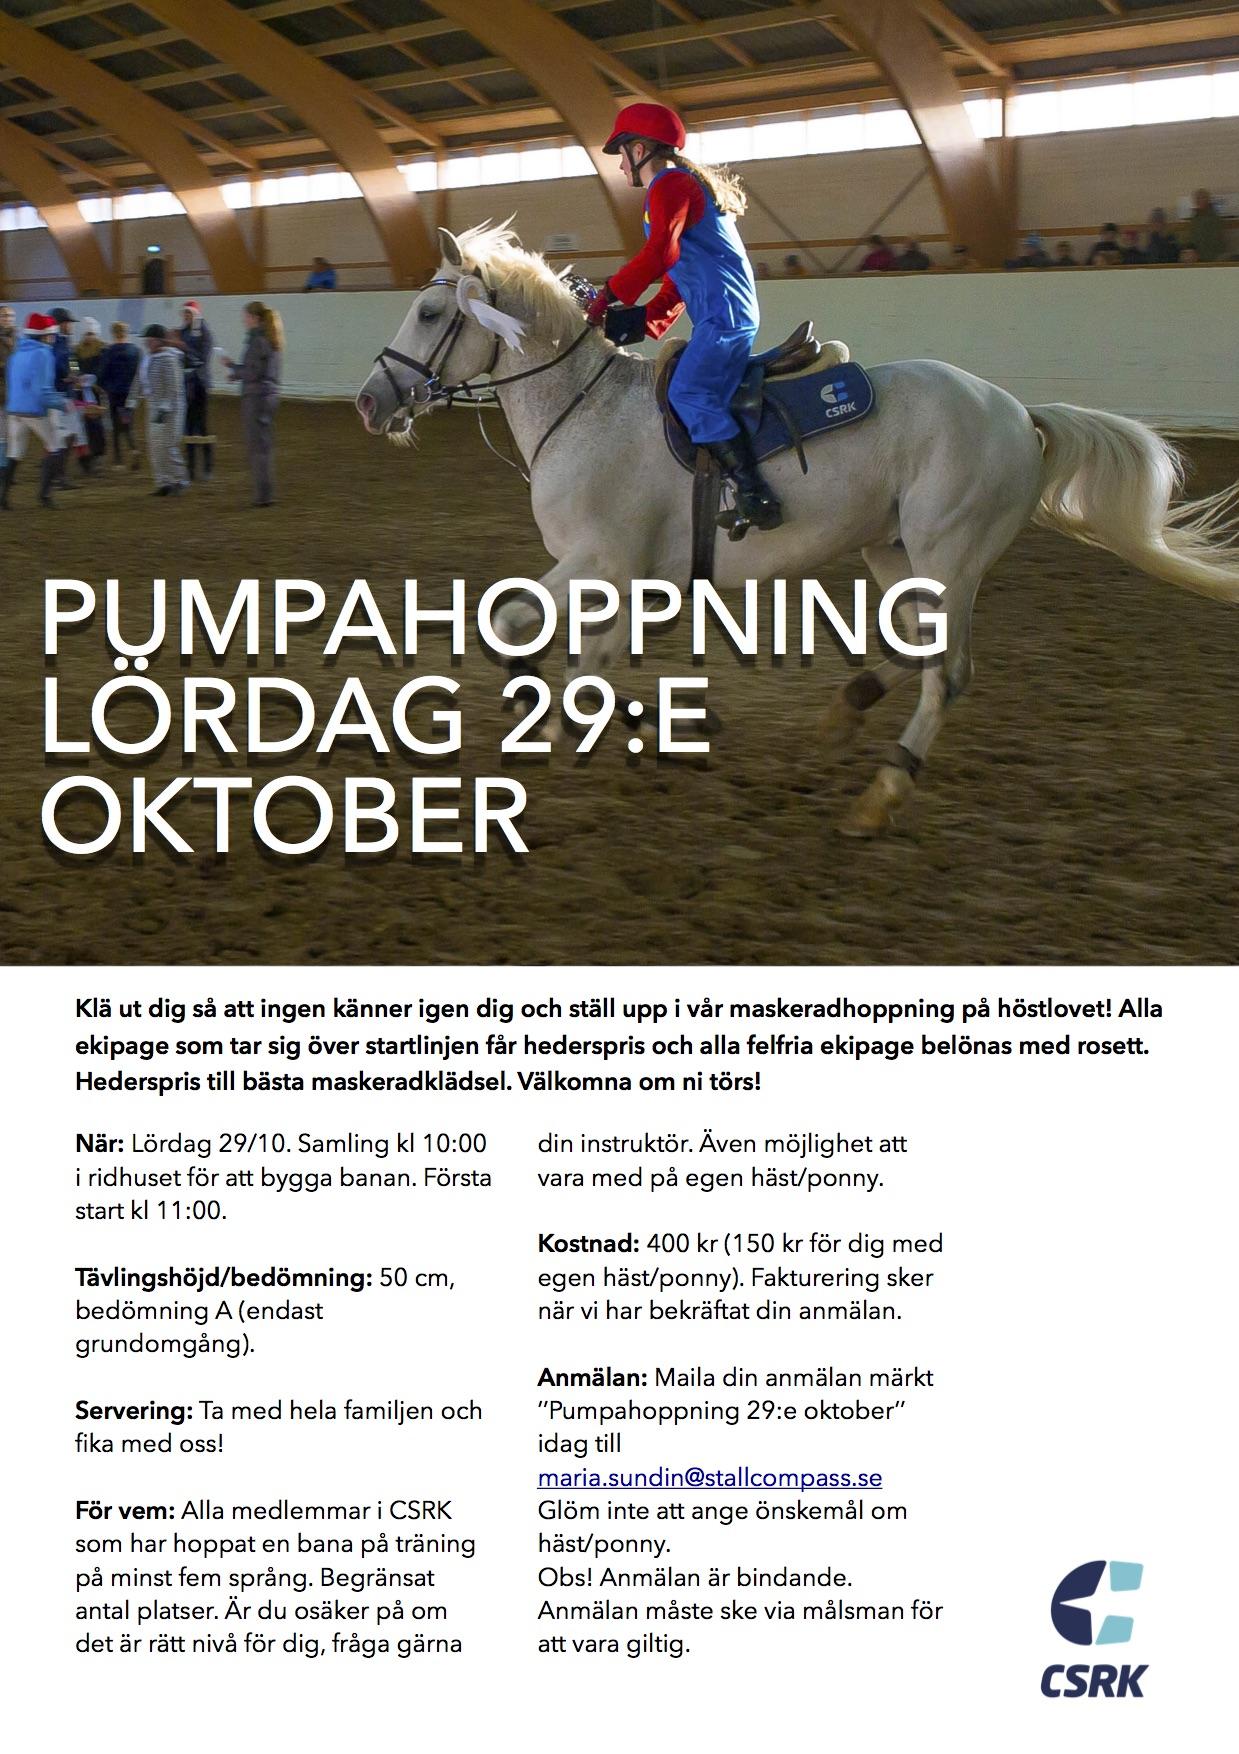 pumpahoppning_161029